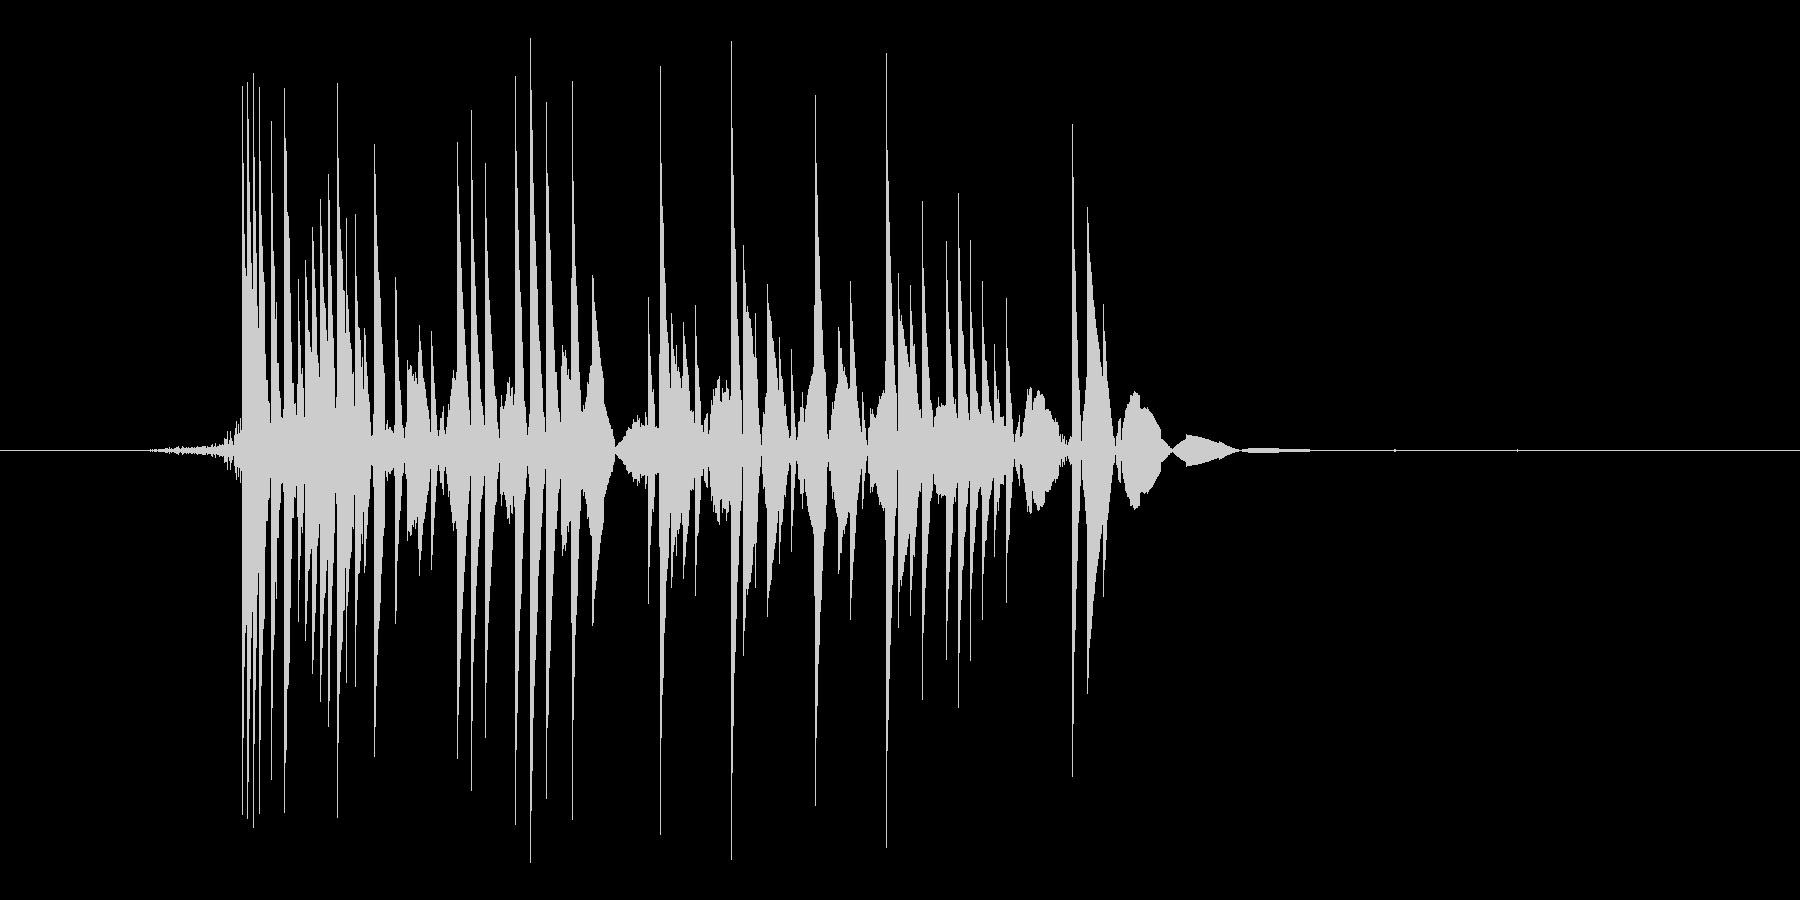 ゲーム(ファミコン風)爆発音_008の未再生の波形